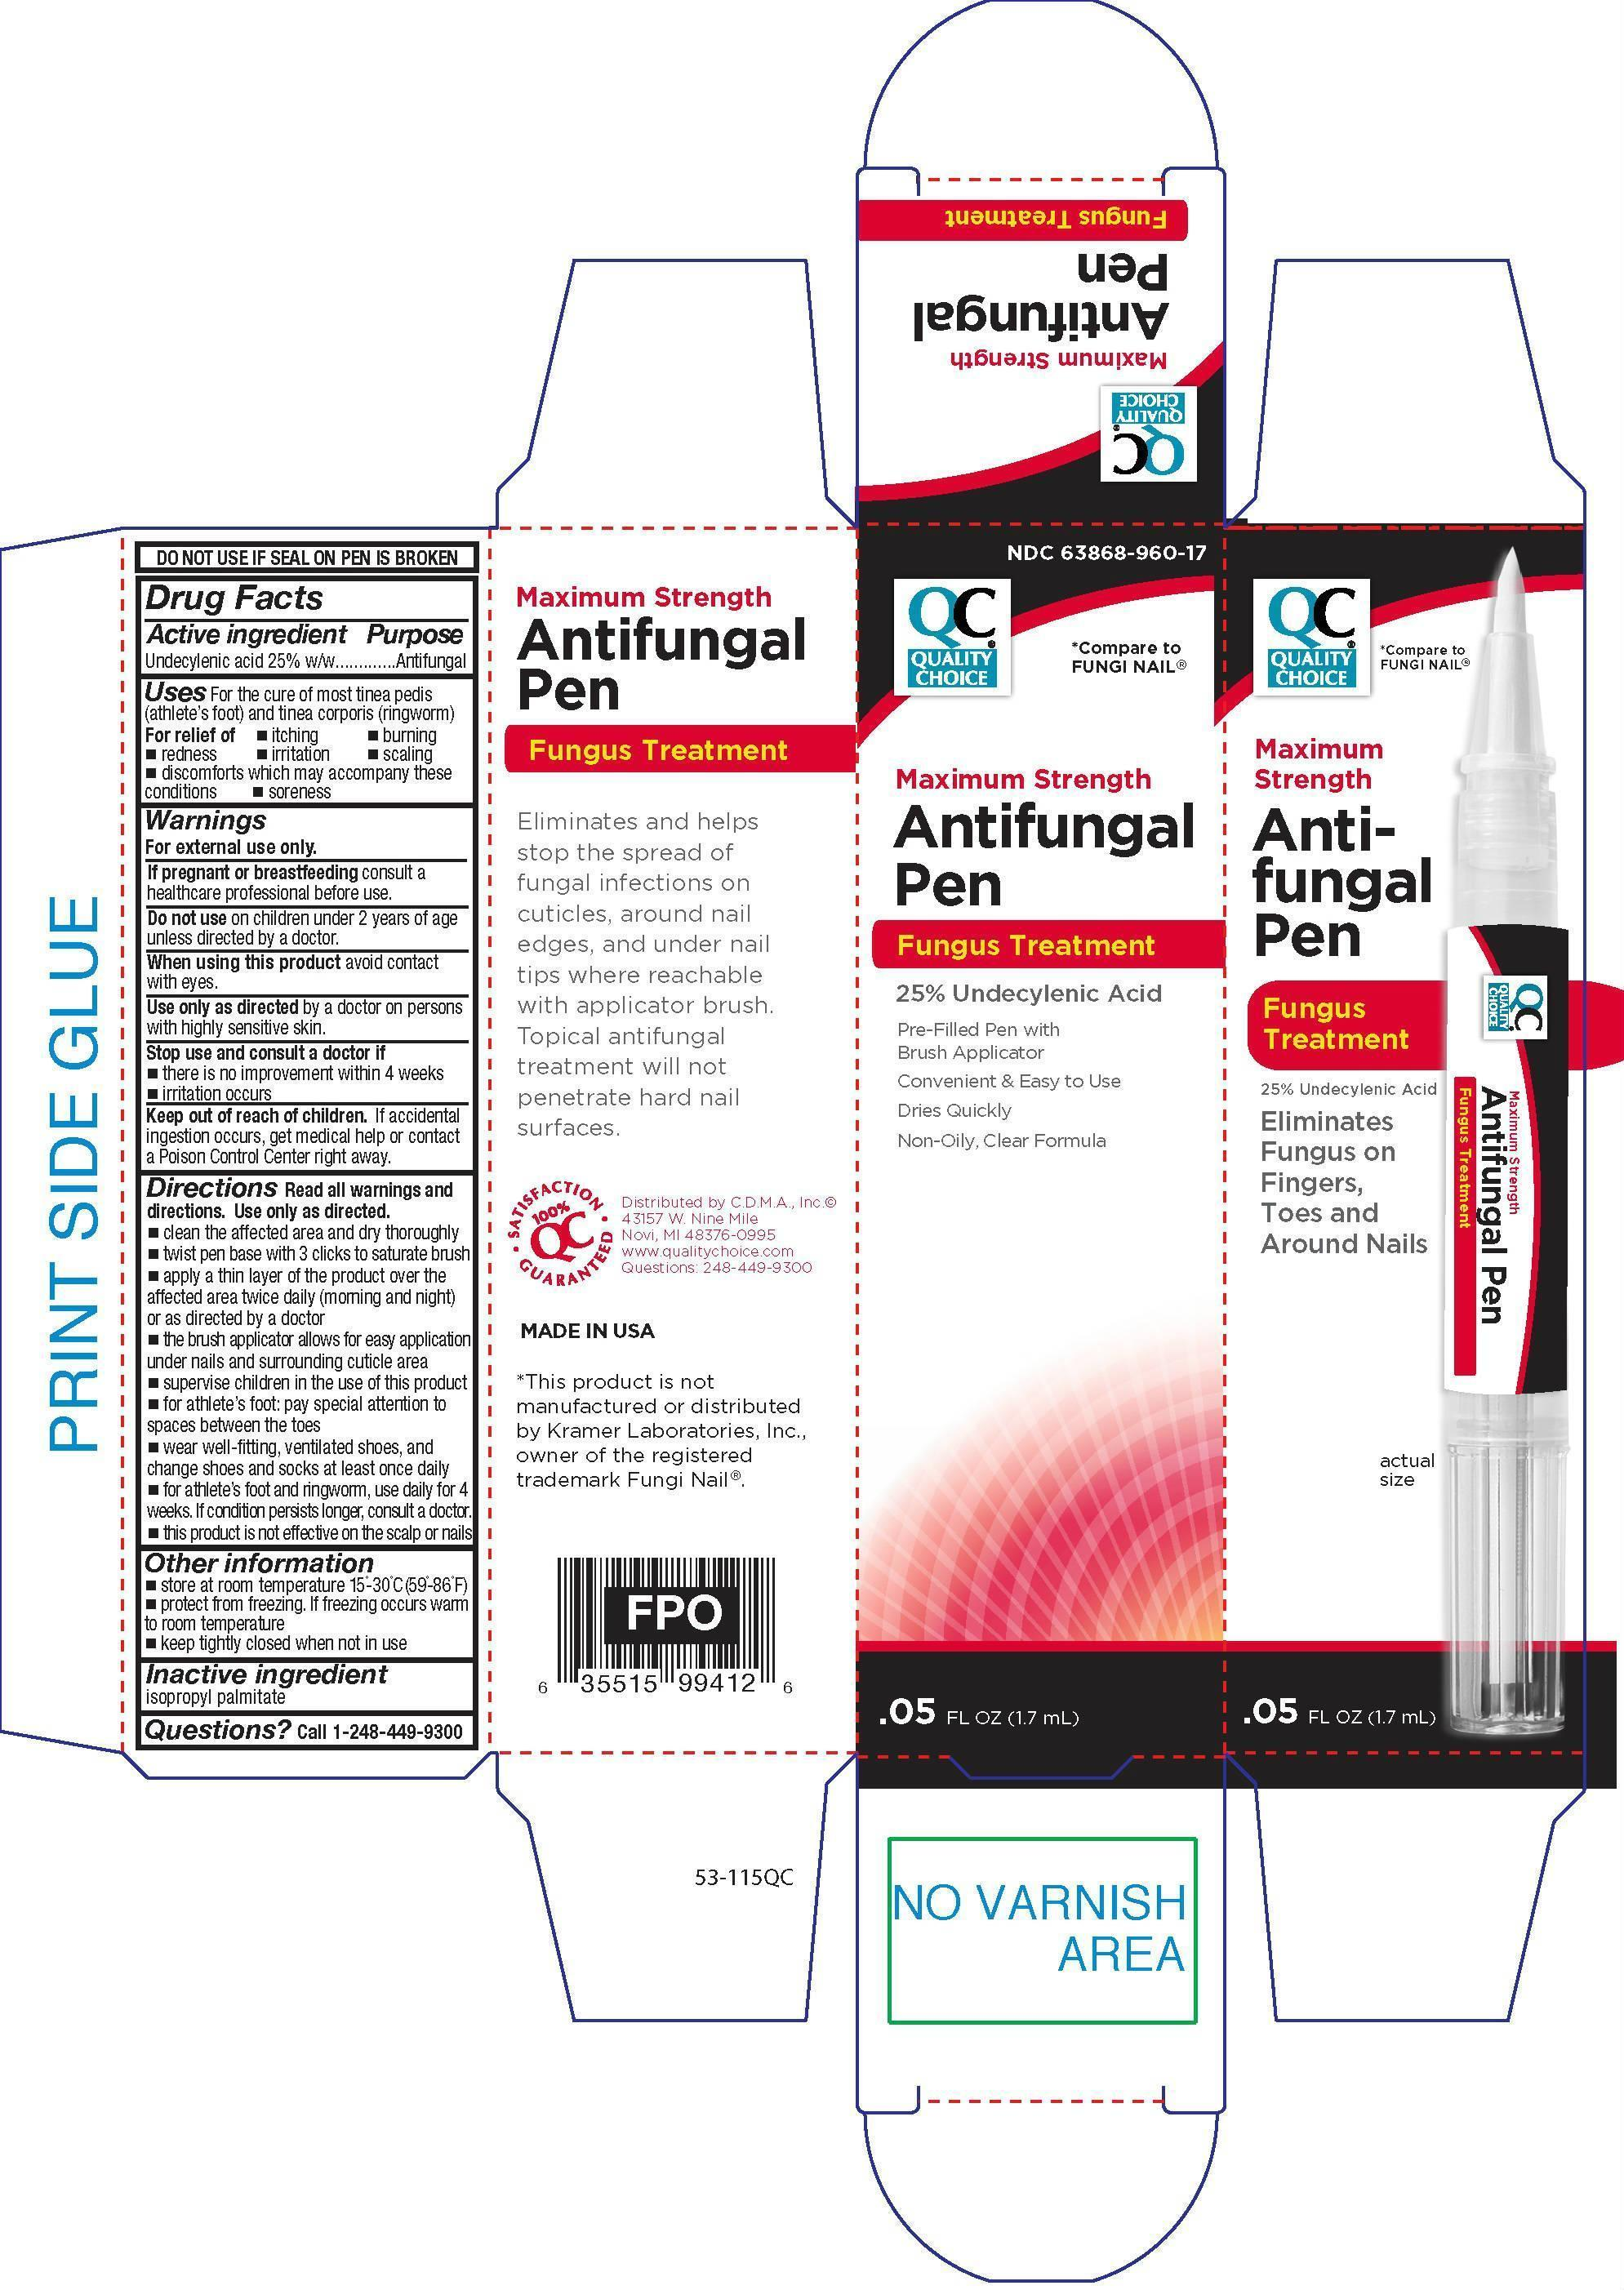 QC Antifungal Pen Box.jpg